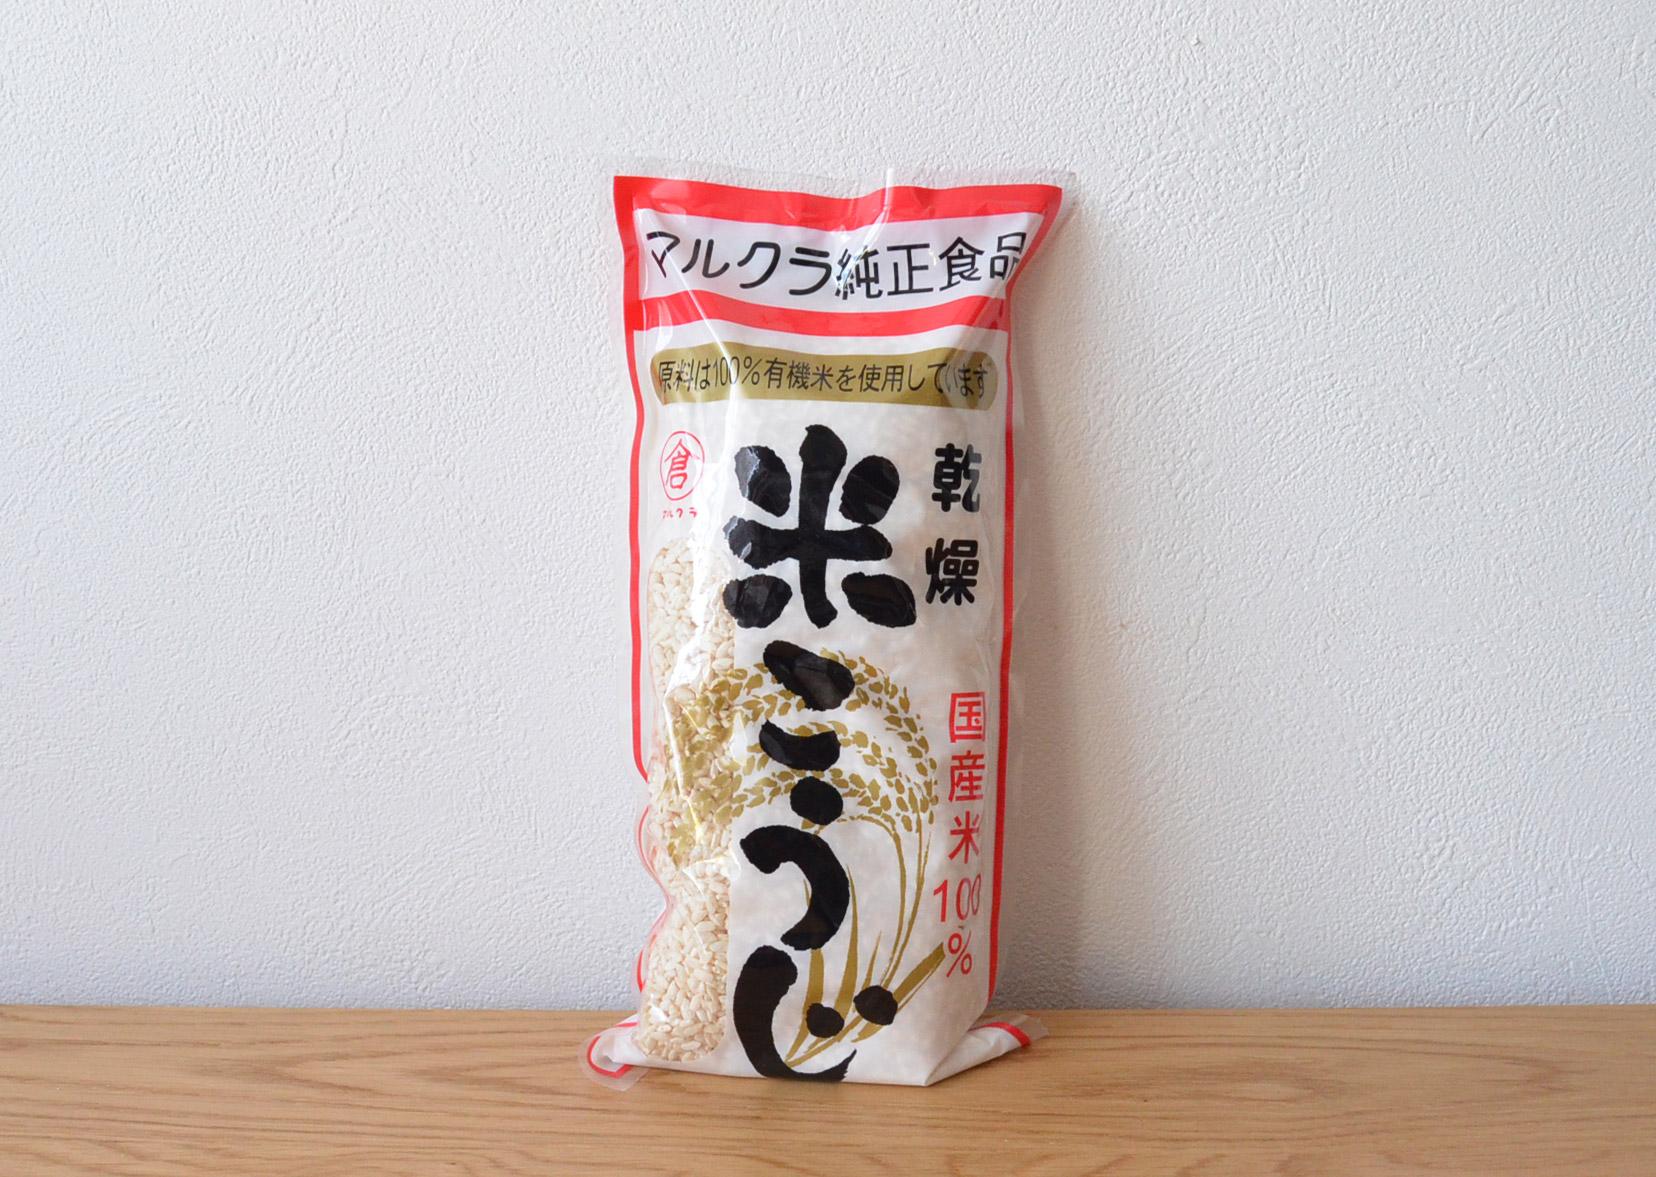 Organic Dried Rice Marukura